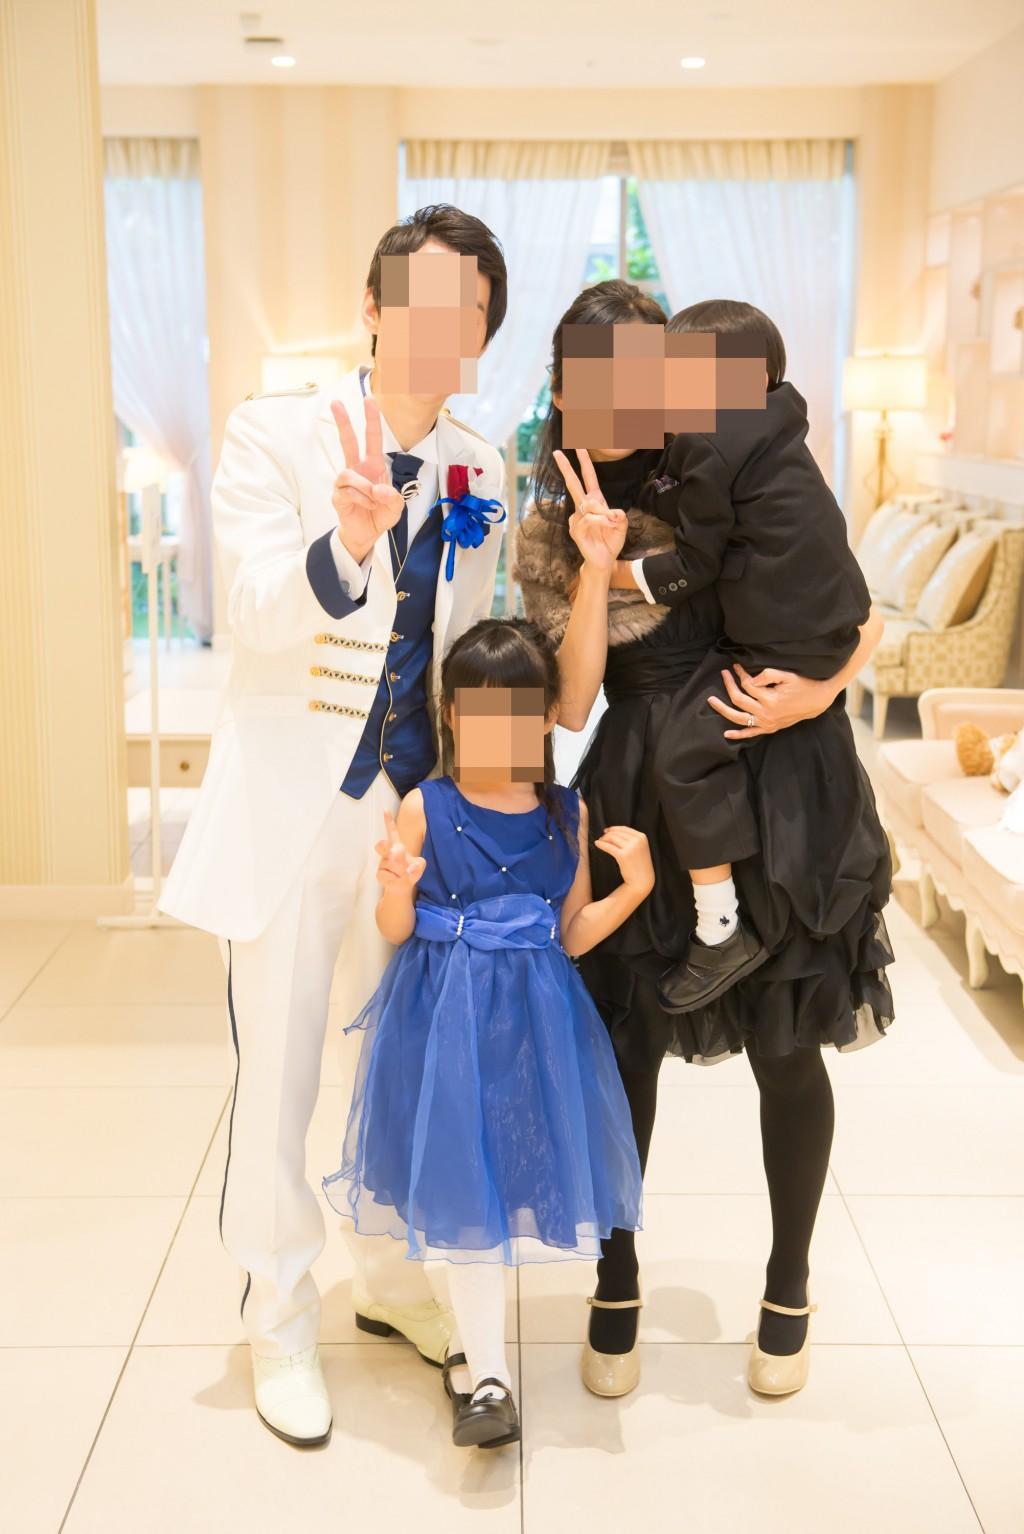 アニヴェルセルみなとみらい横浜 結婚式レポブログ ヴィラスウィートでの披露宴 新郎中座